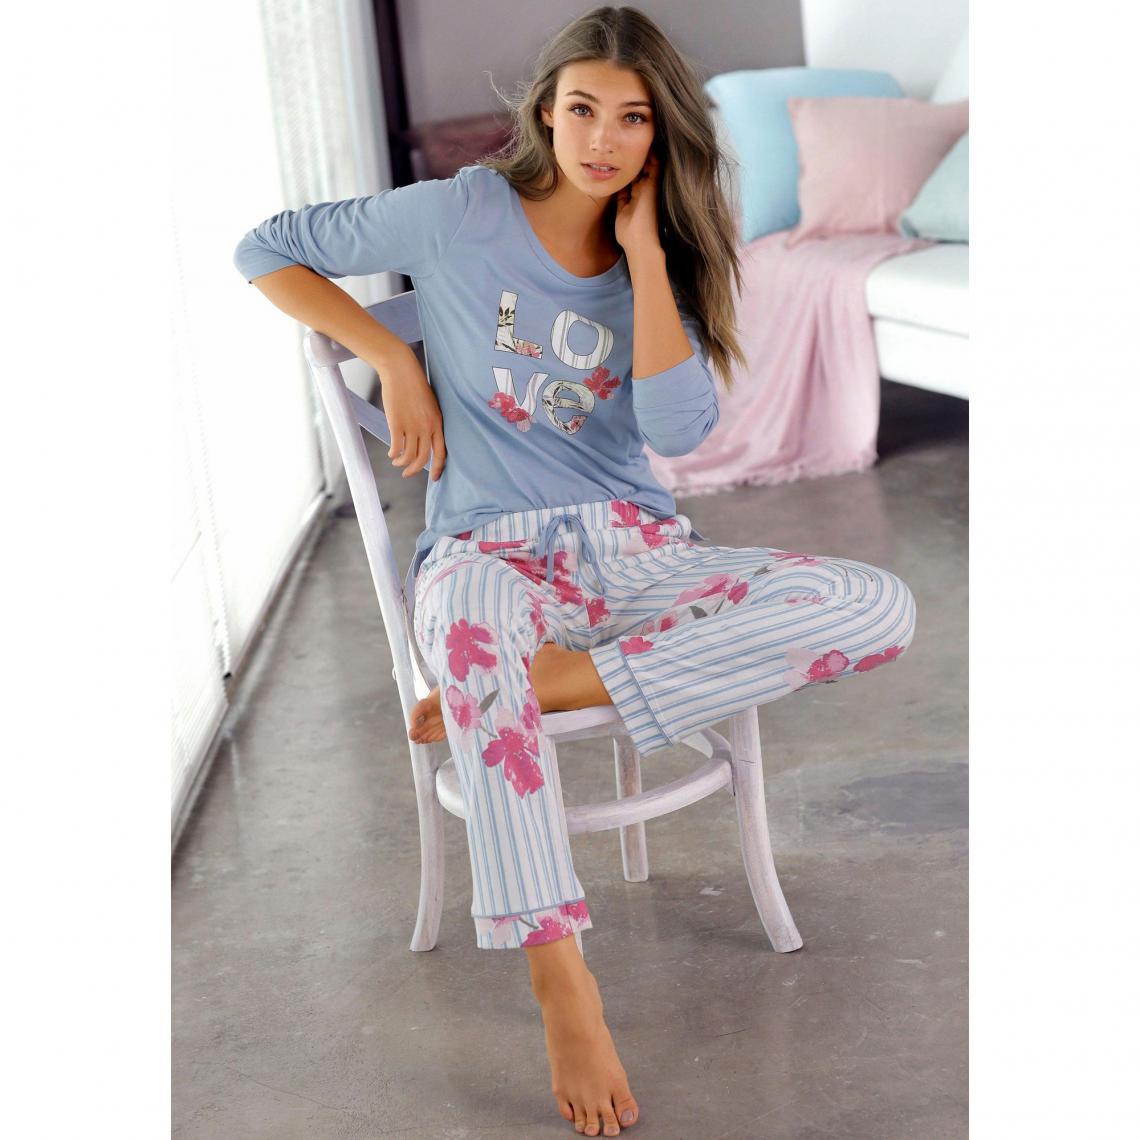 Pyjama long jersey femme Vivance Dreams bleu rayures   3